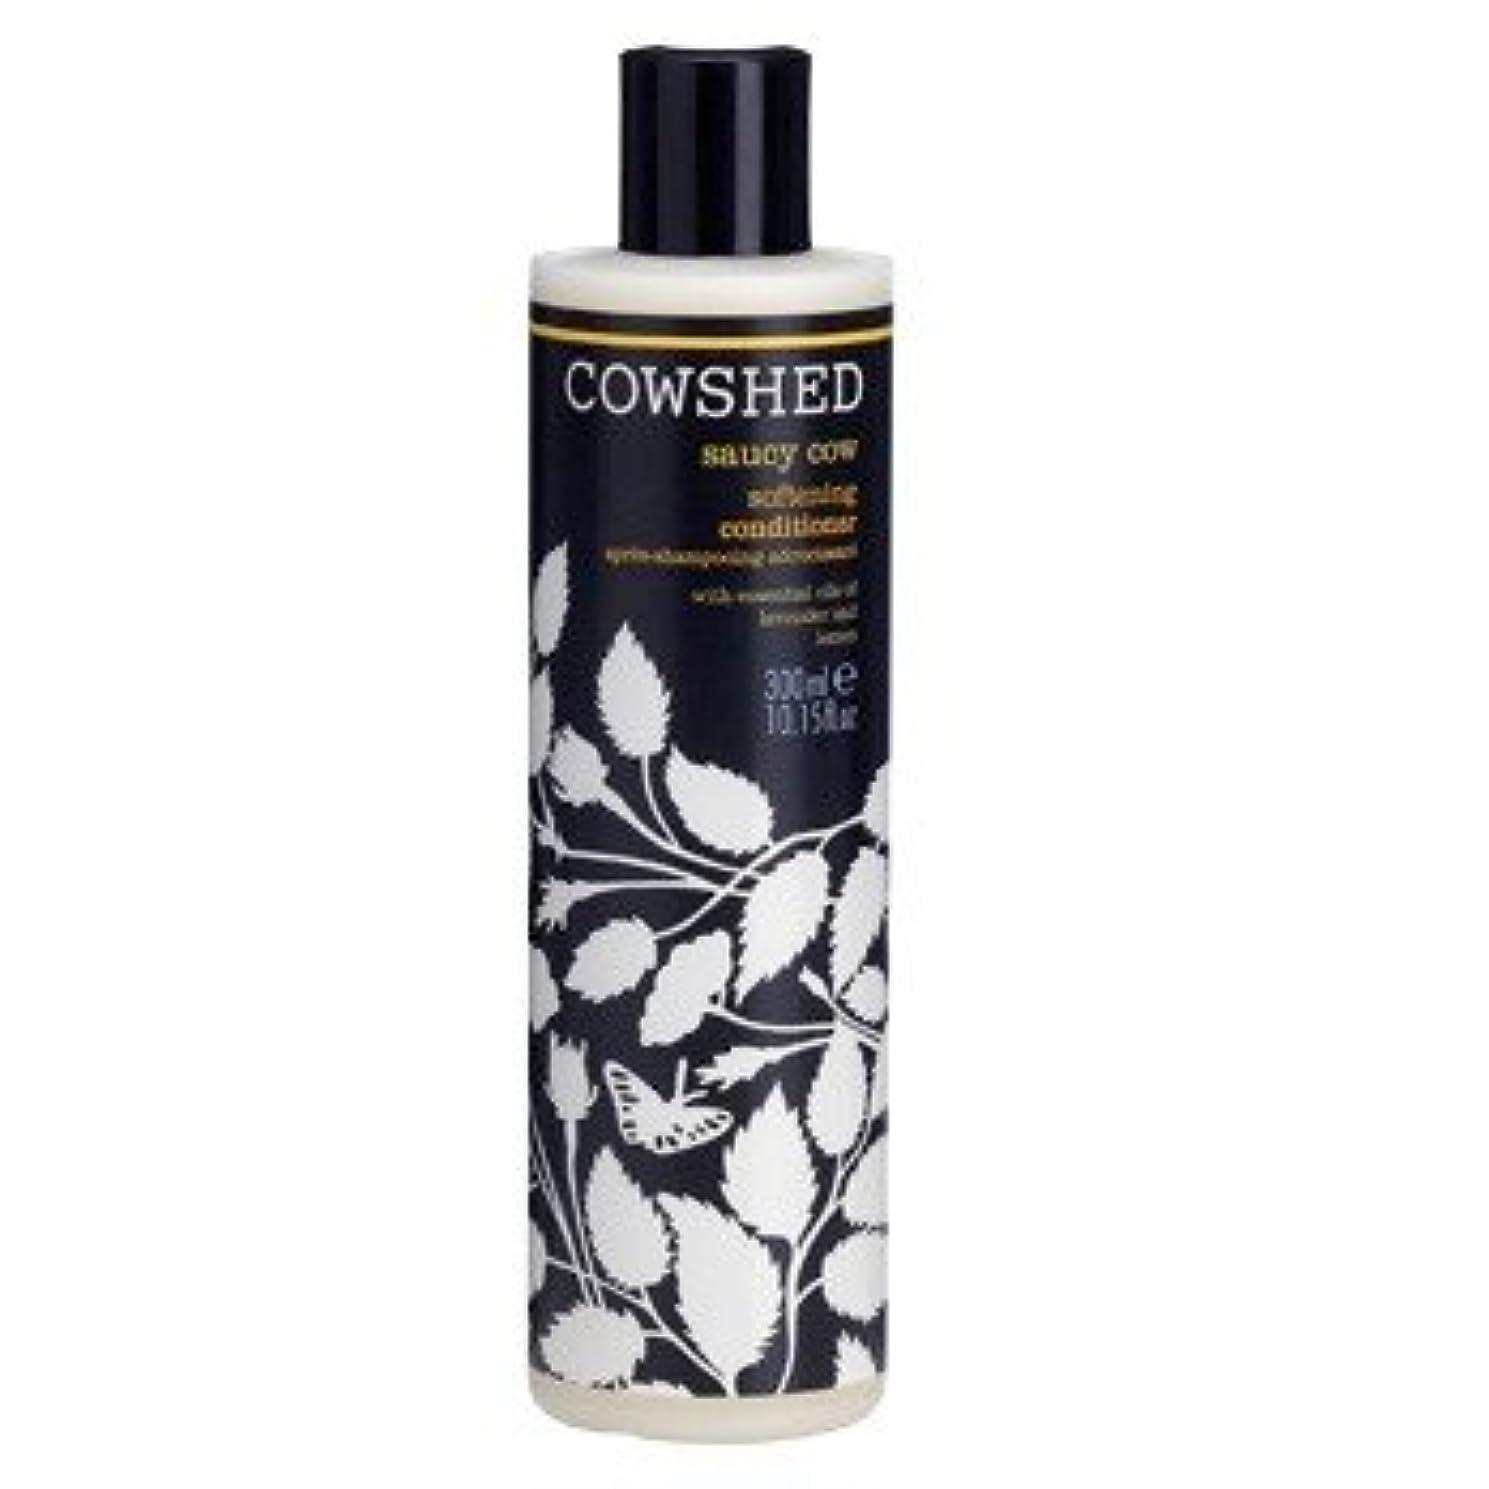 最も早い効果的に測る牛舎生意気な牛軟化コンディショナー300ミリリットル (Cowshed) - Cowshed Saucy Cow Softening Conditioner 300ml [並行輸入品]